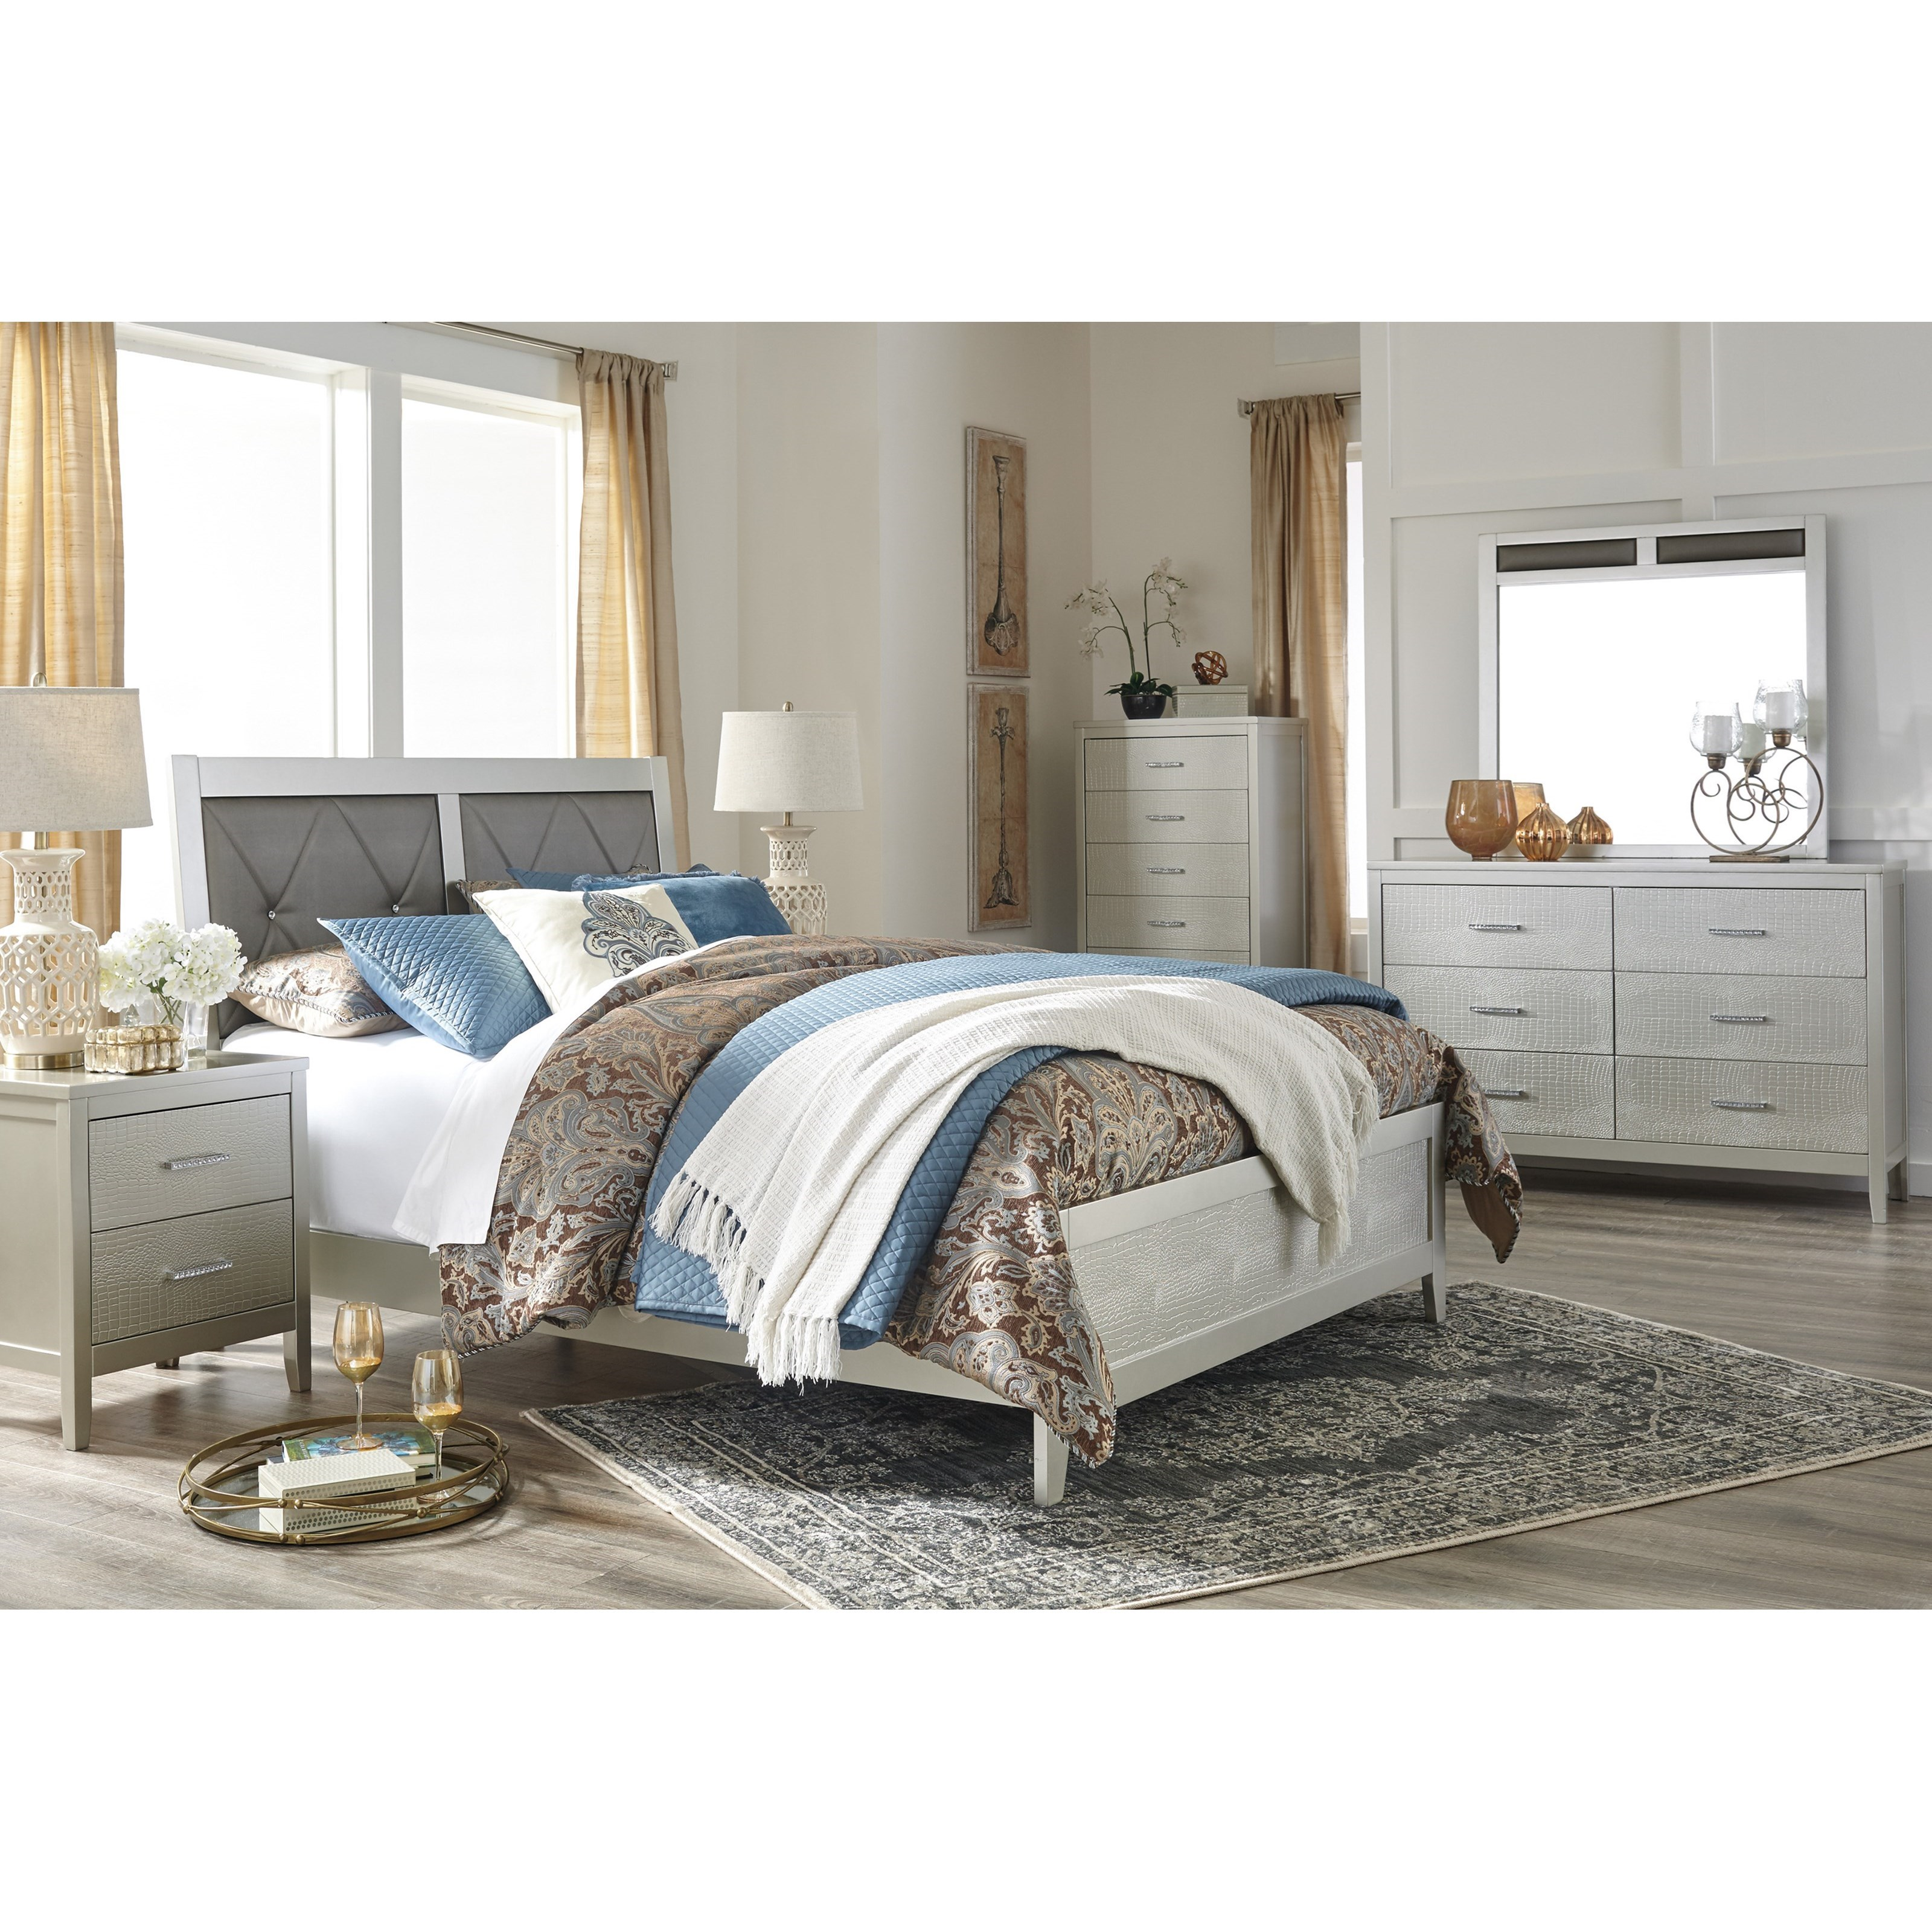 Signature Design by Ashley Olivet Glam King Bedroom Group Del Sol Furniture